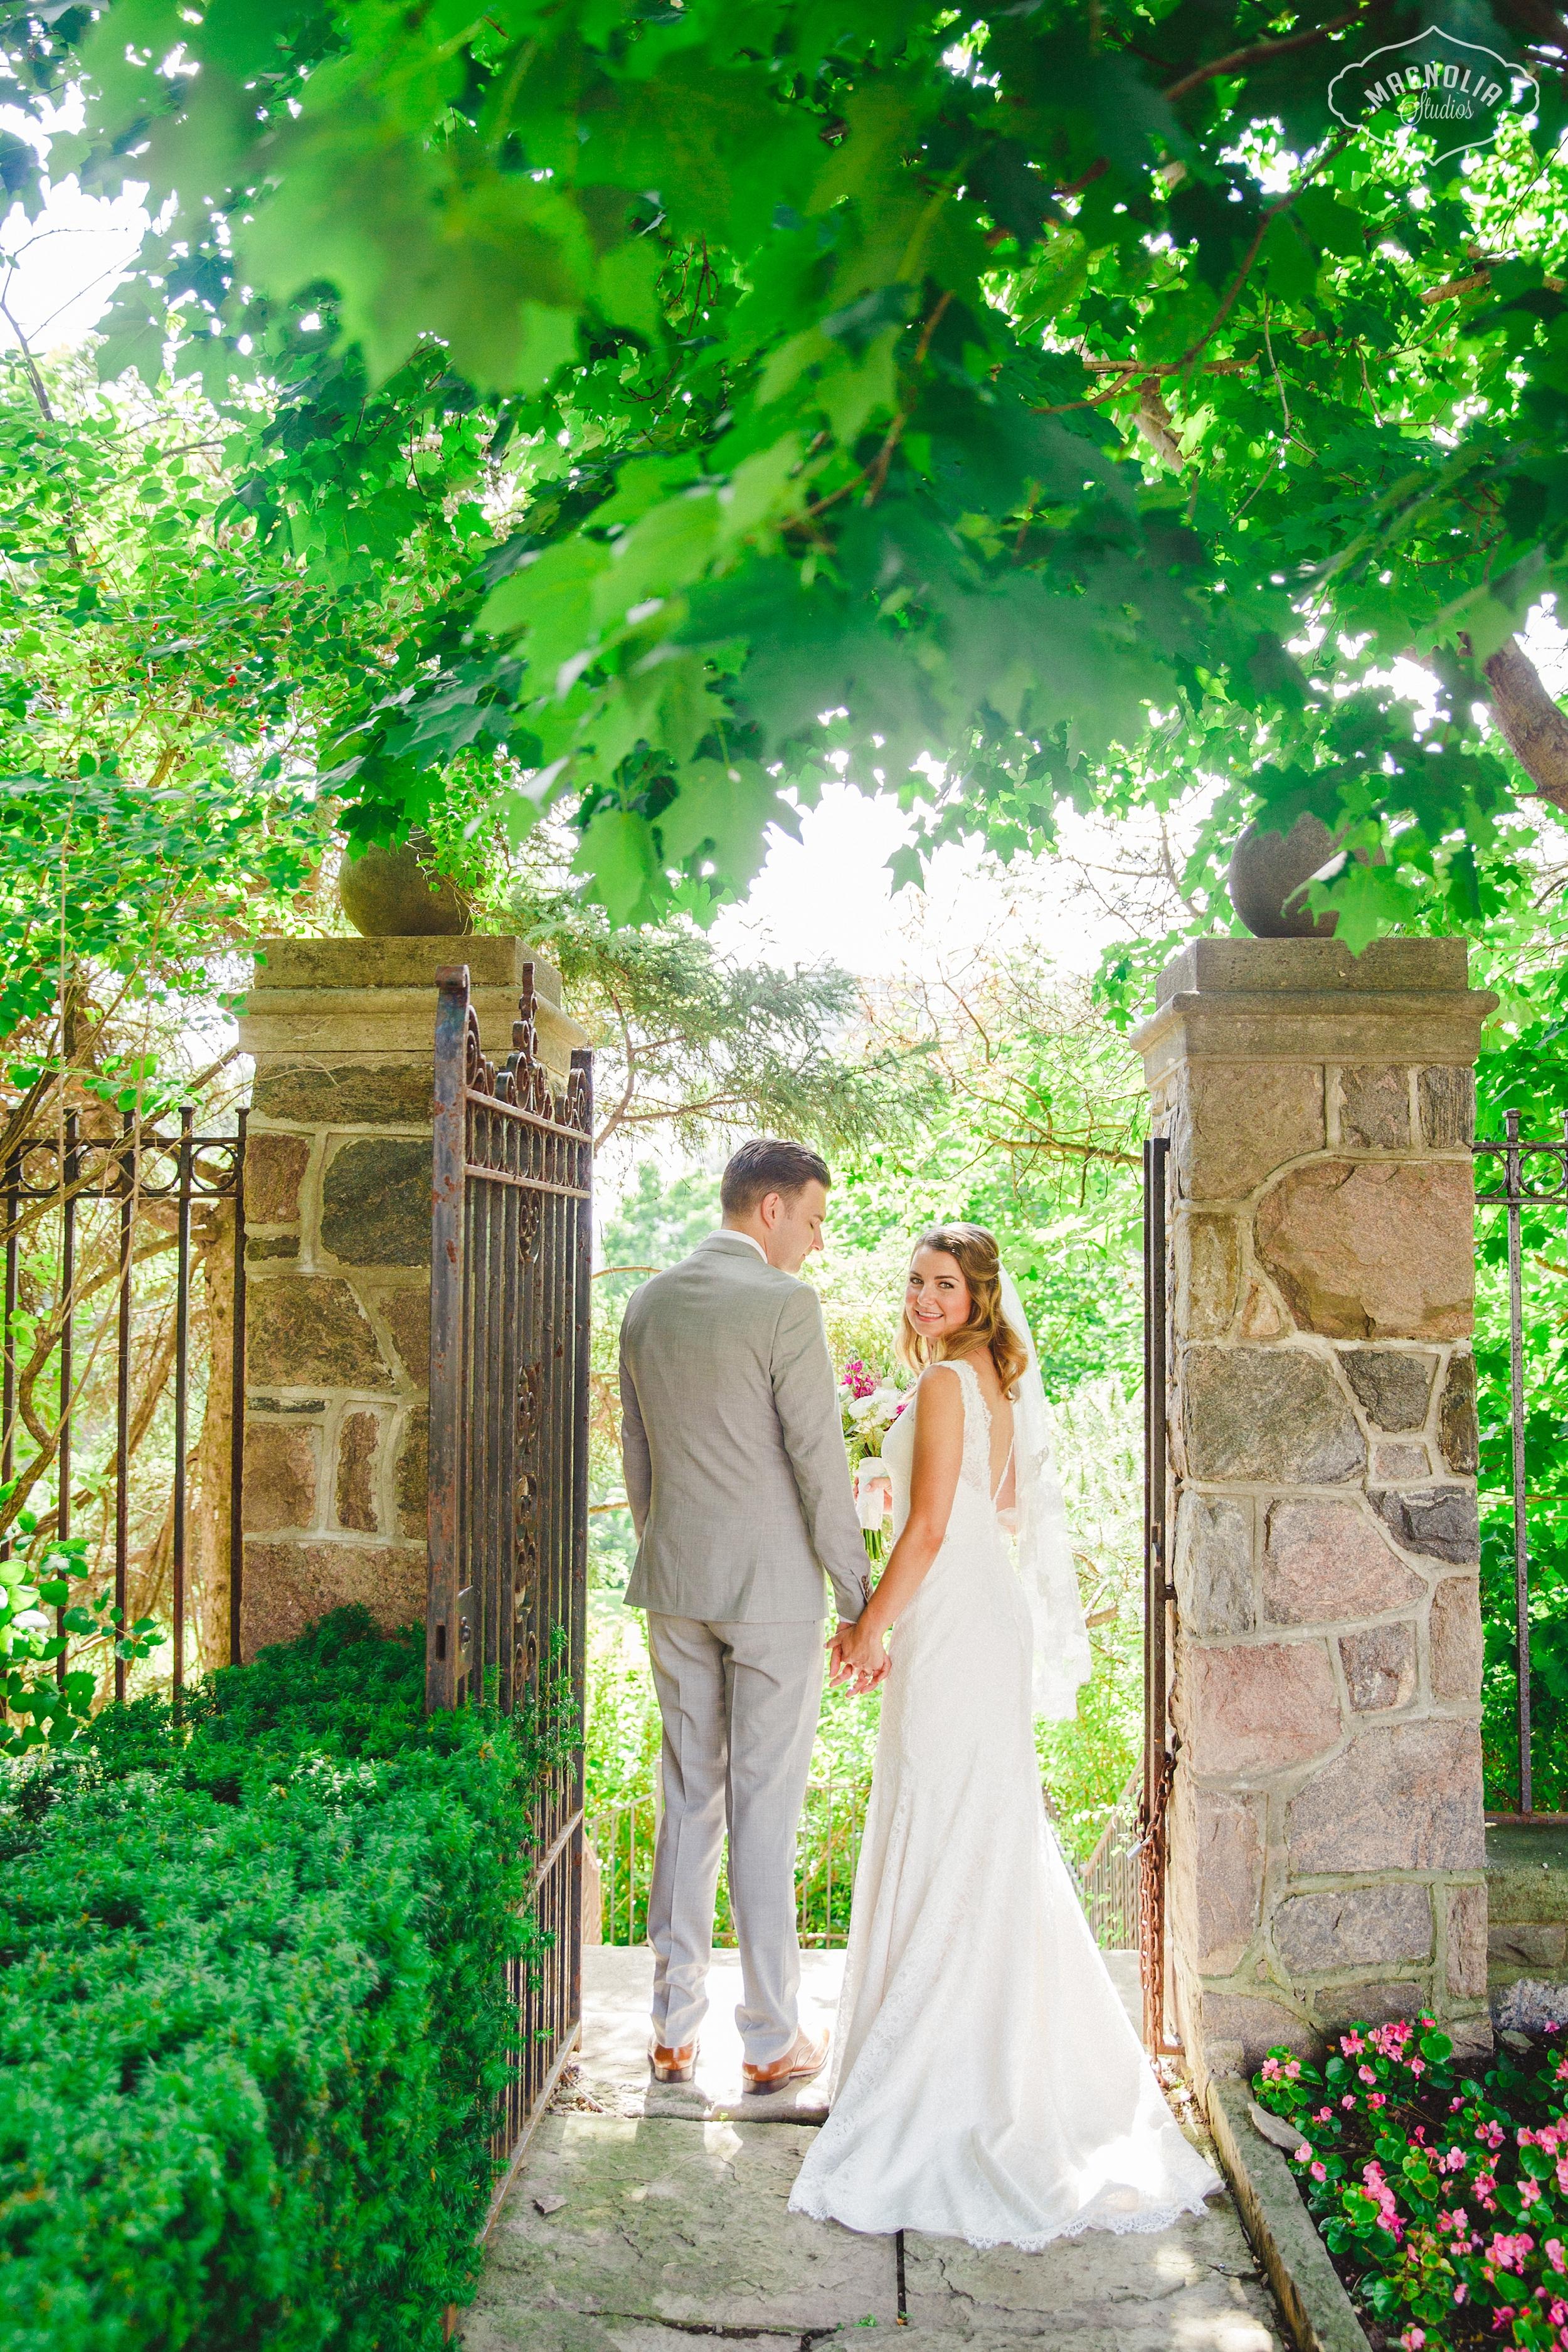 Whimsical and Colourful Graydon Hall Wedding